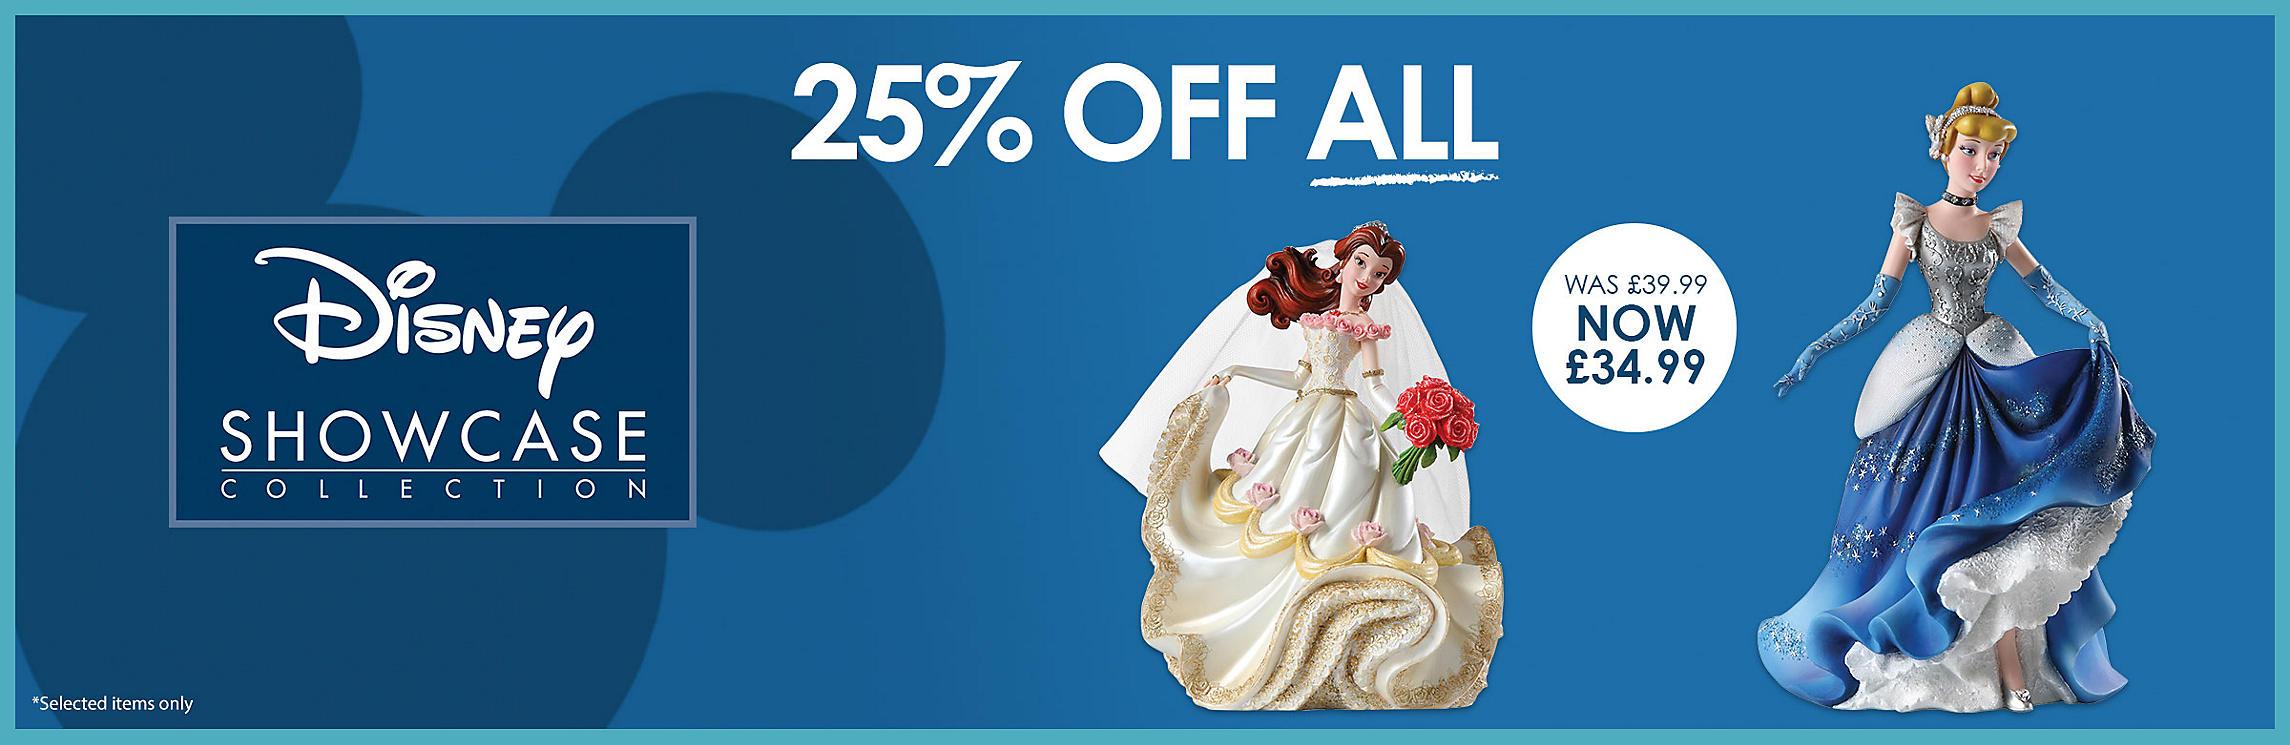 25% off All Disney Showcase